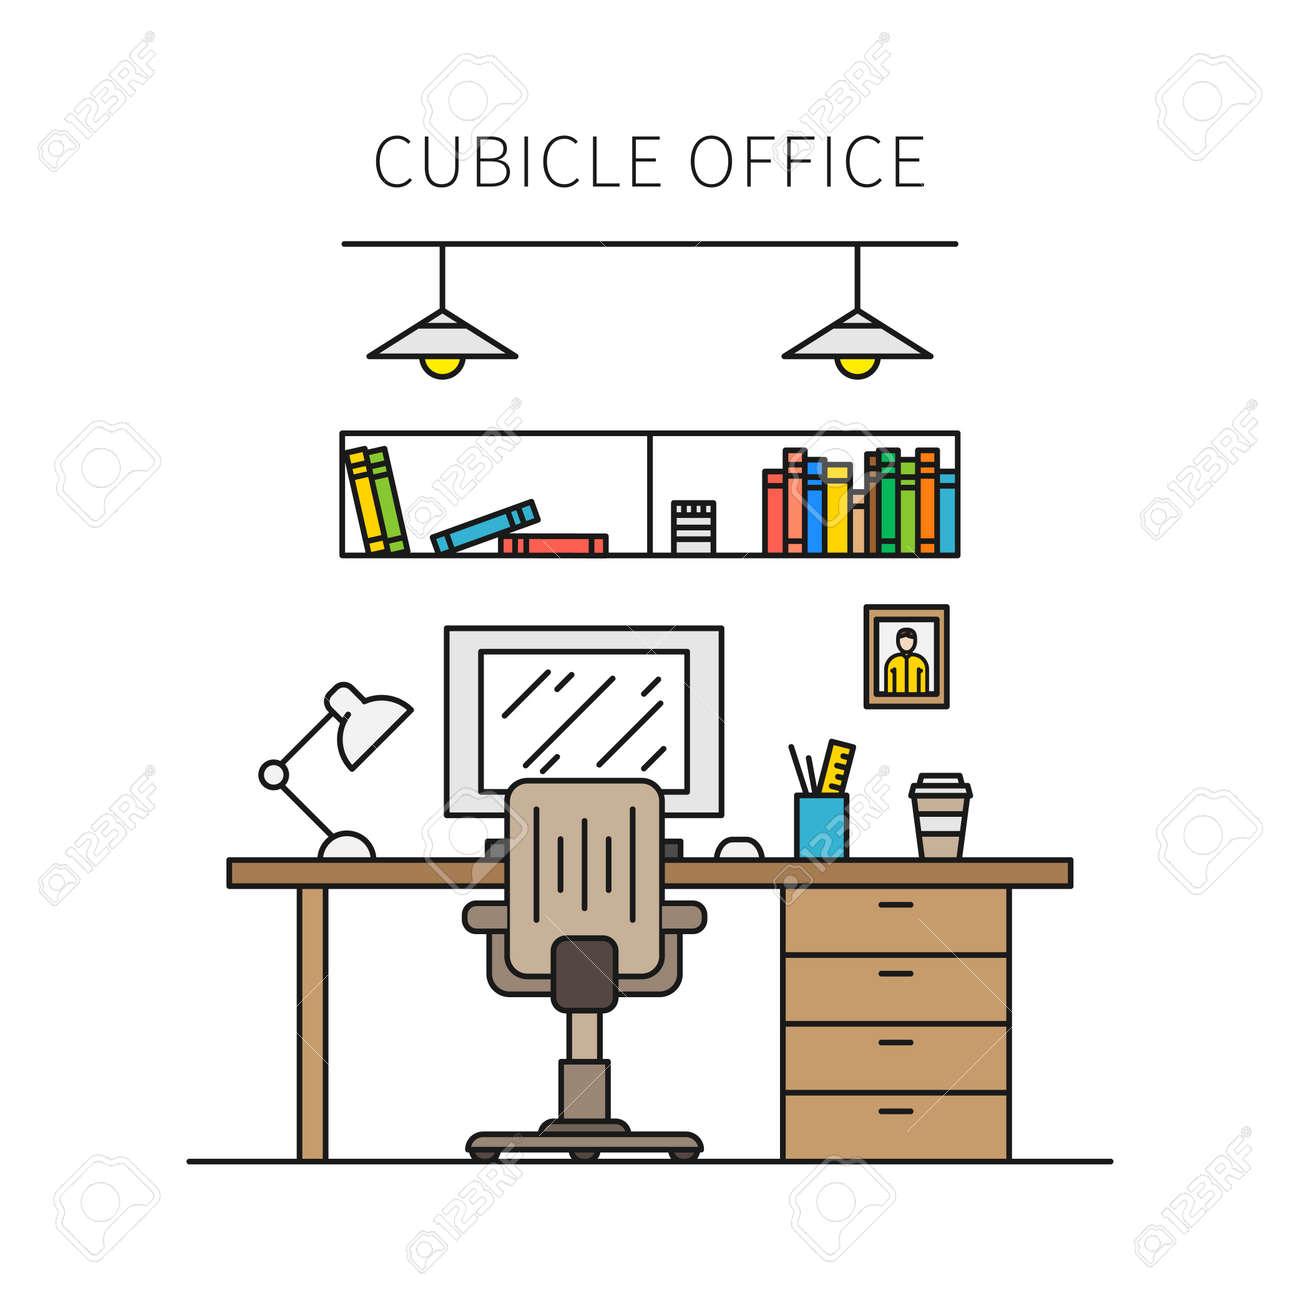 Cubículo Concepto Lugar La LámparaEscritorioMesaSilla Trabajo Muebles Equipos Ilustración Con Y VectorialIndividual Oficina De rdCtQsh